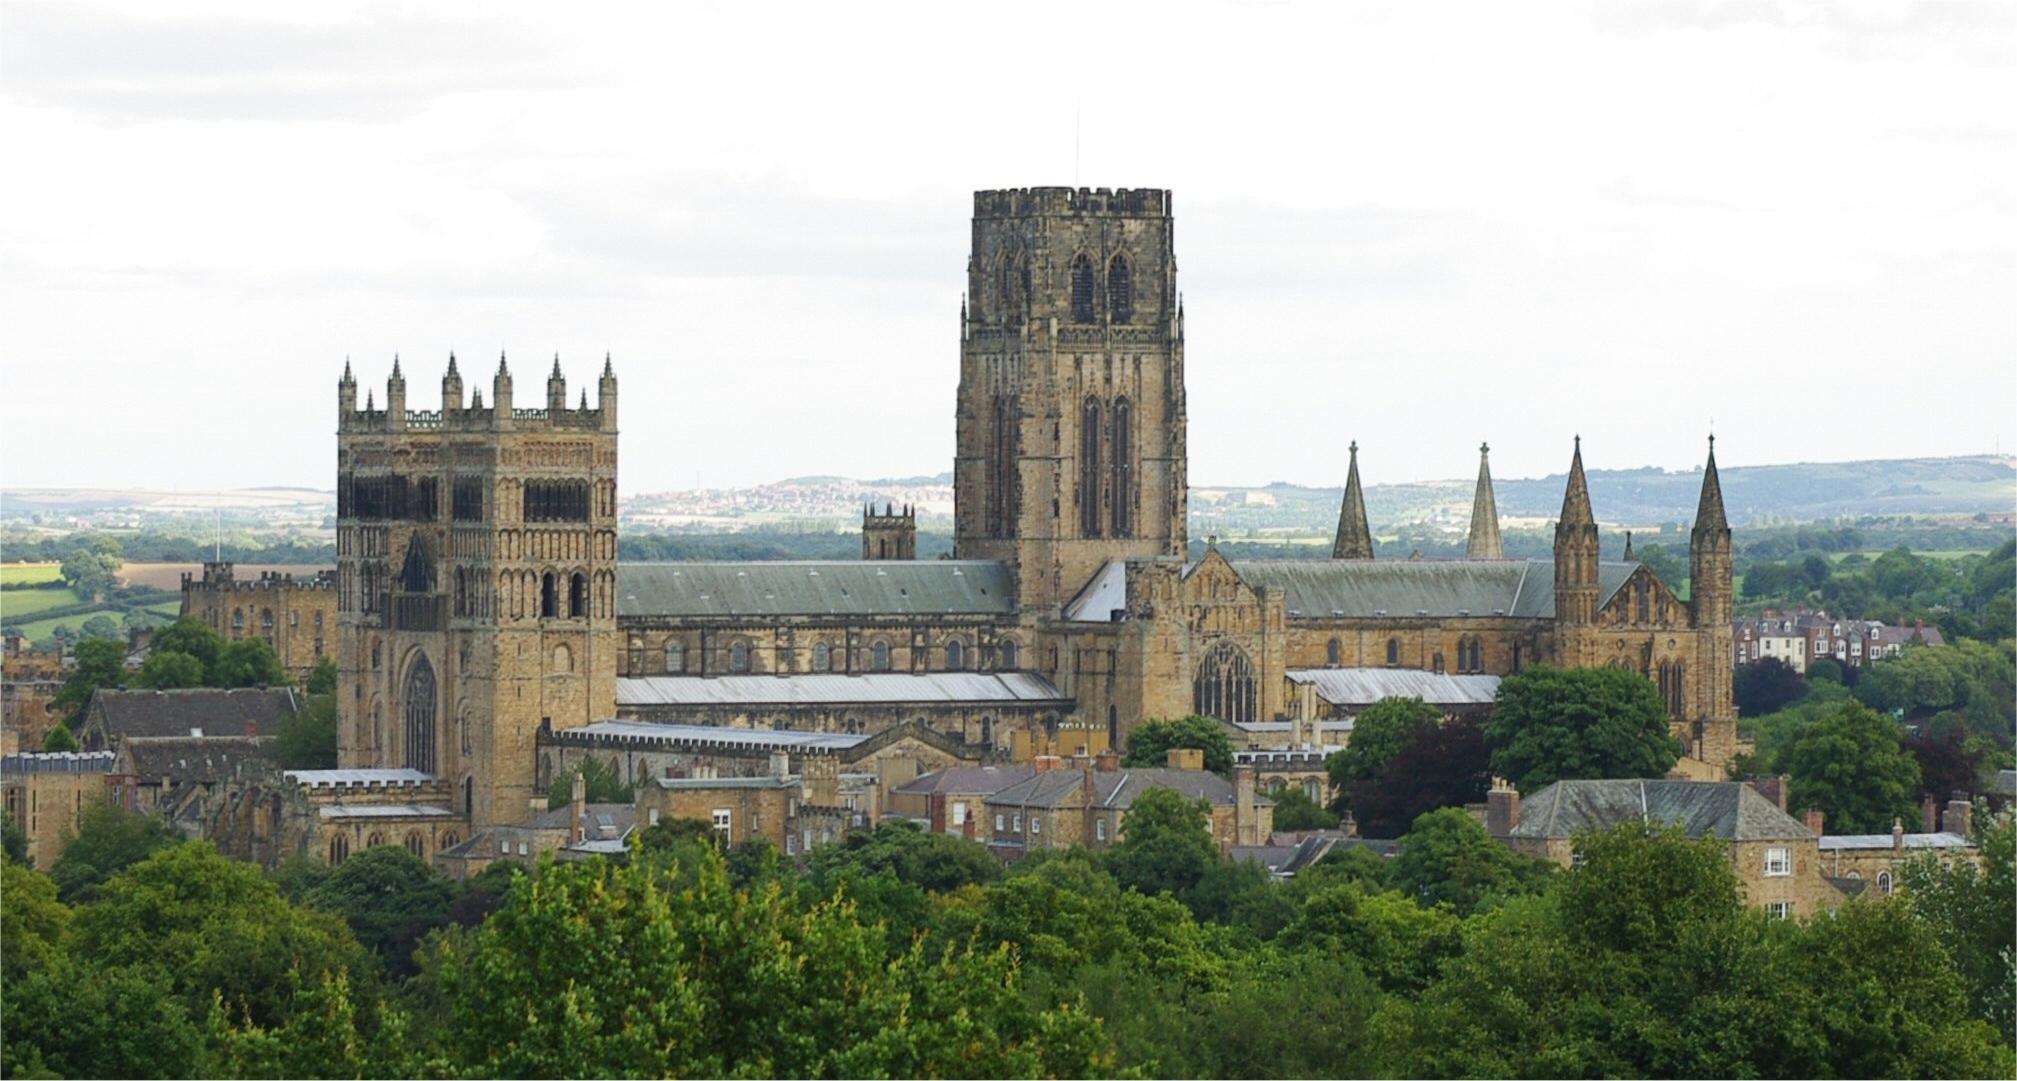 Nhà thờ chính tòa Durham – Wikipedia tiếng Việt